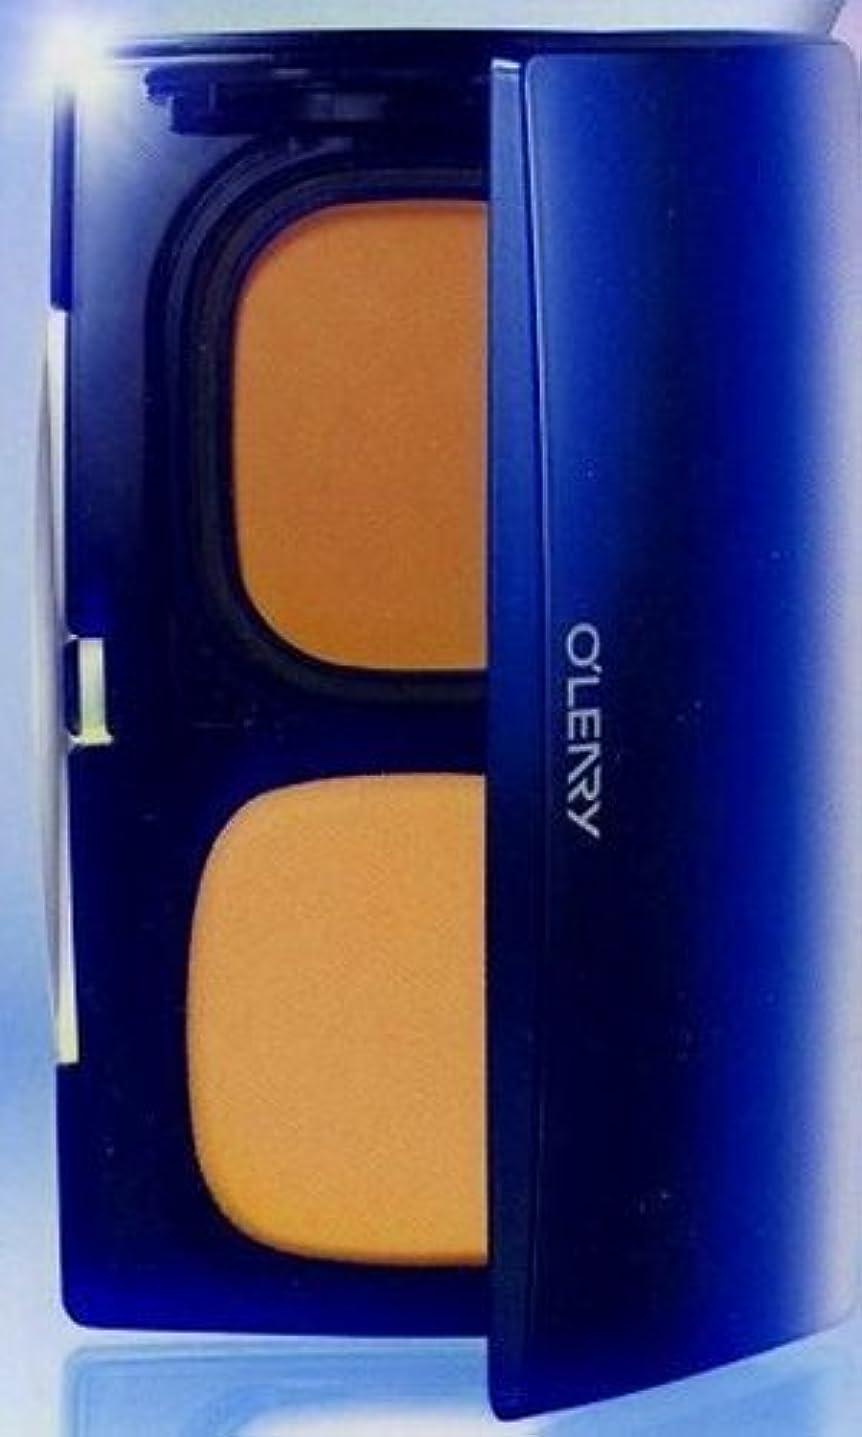 オーバーフロー受動的七面鳥オリリー スーペリア カバー EX (ファンデーション)リフィル (BO20)